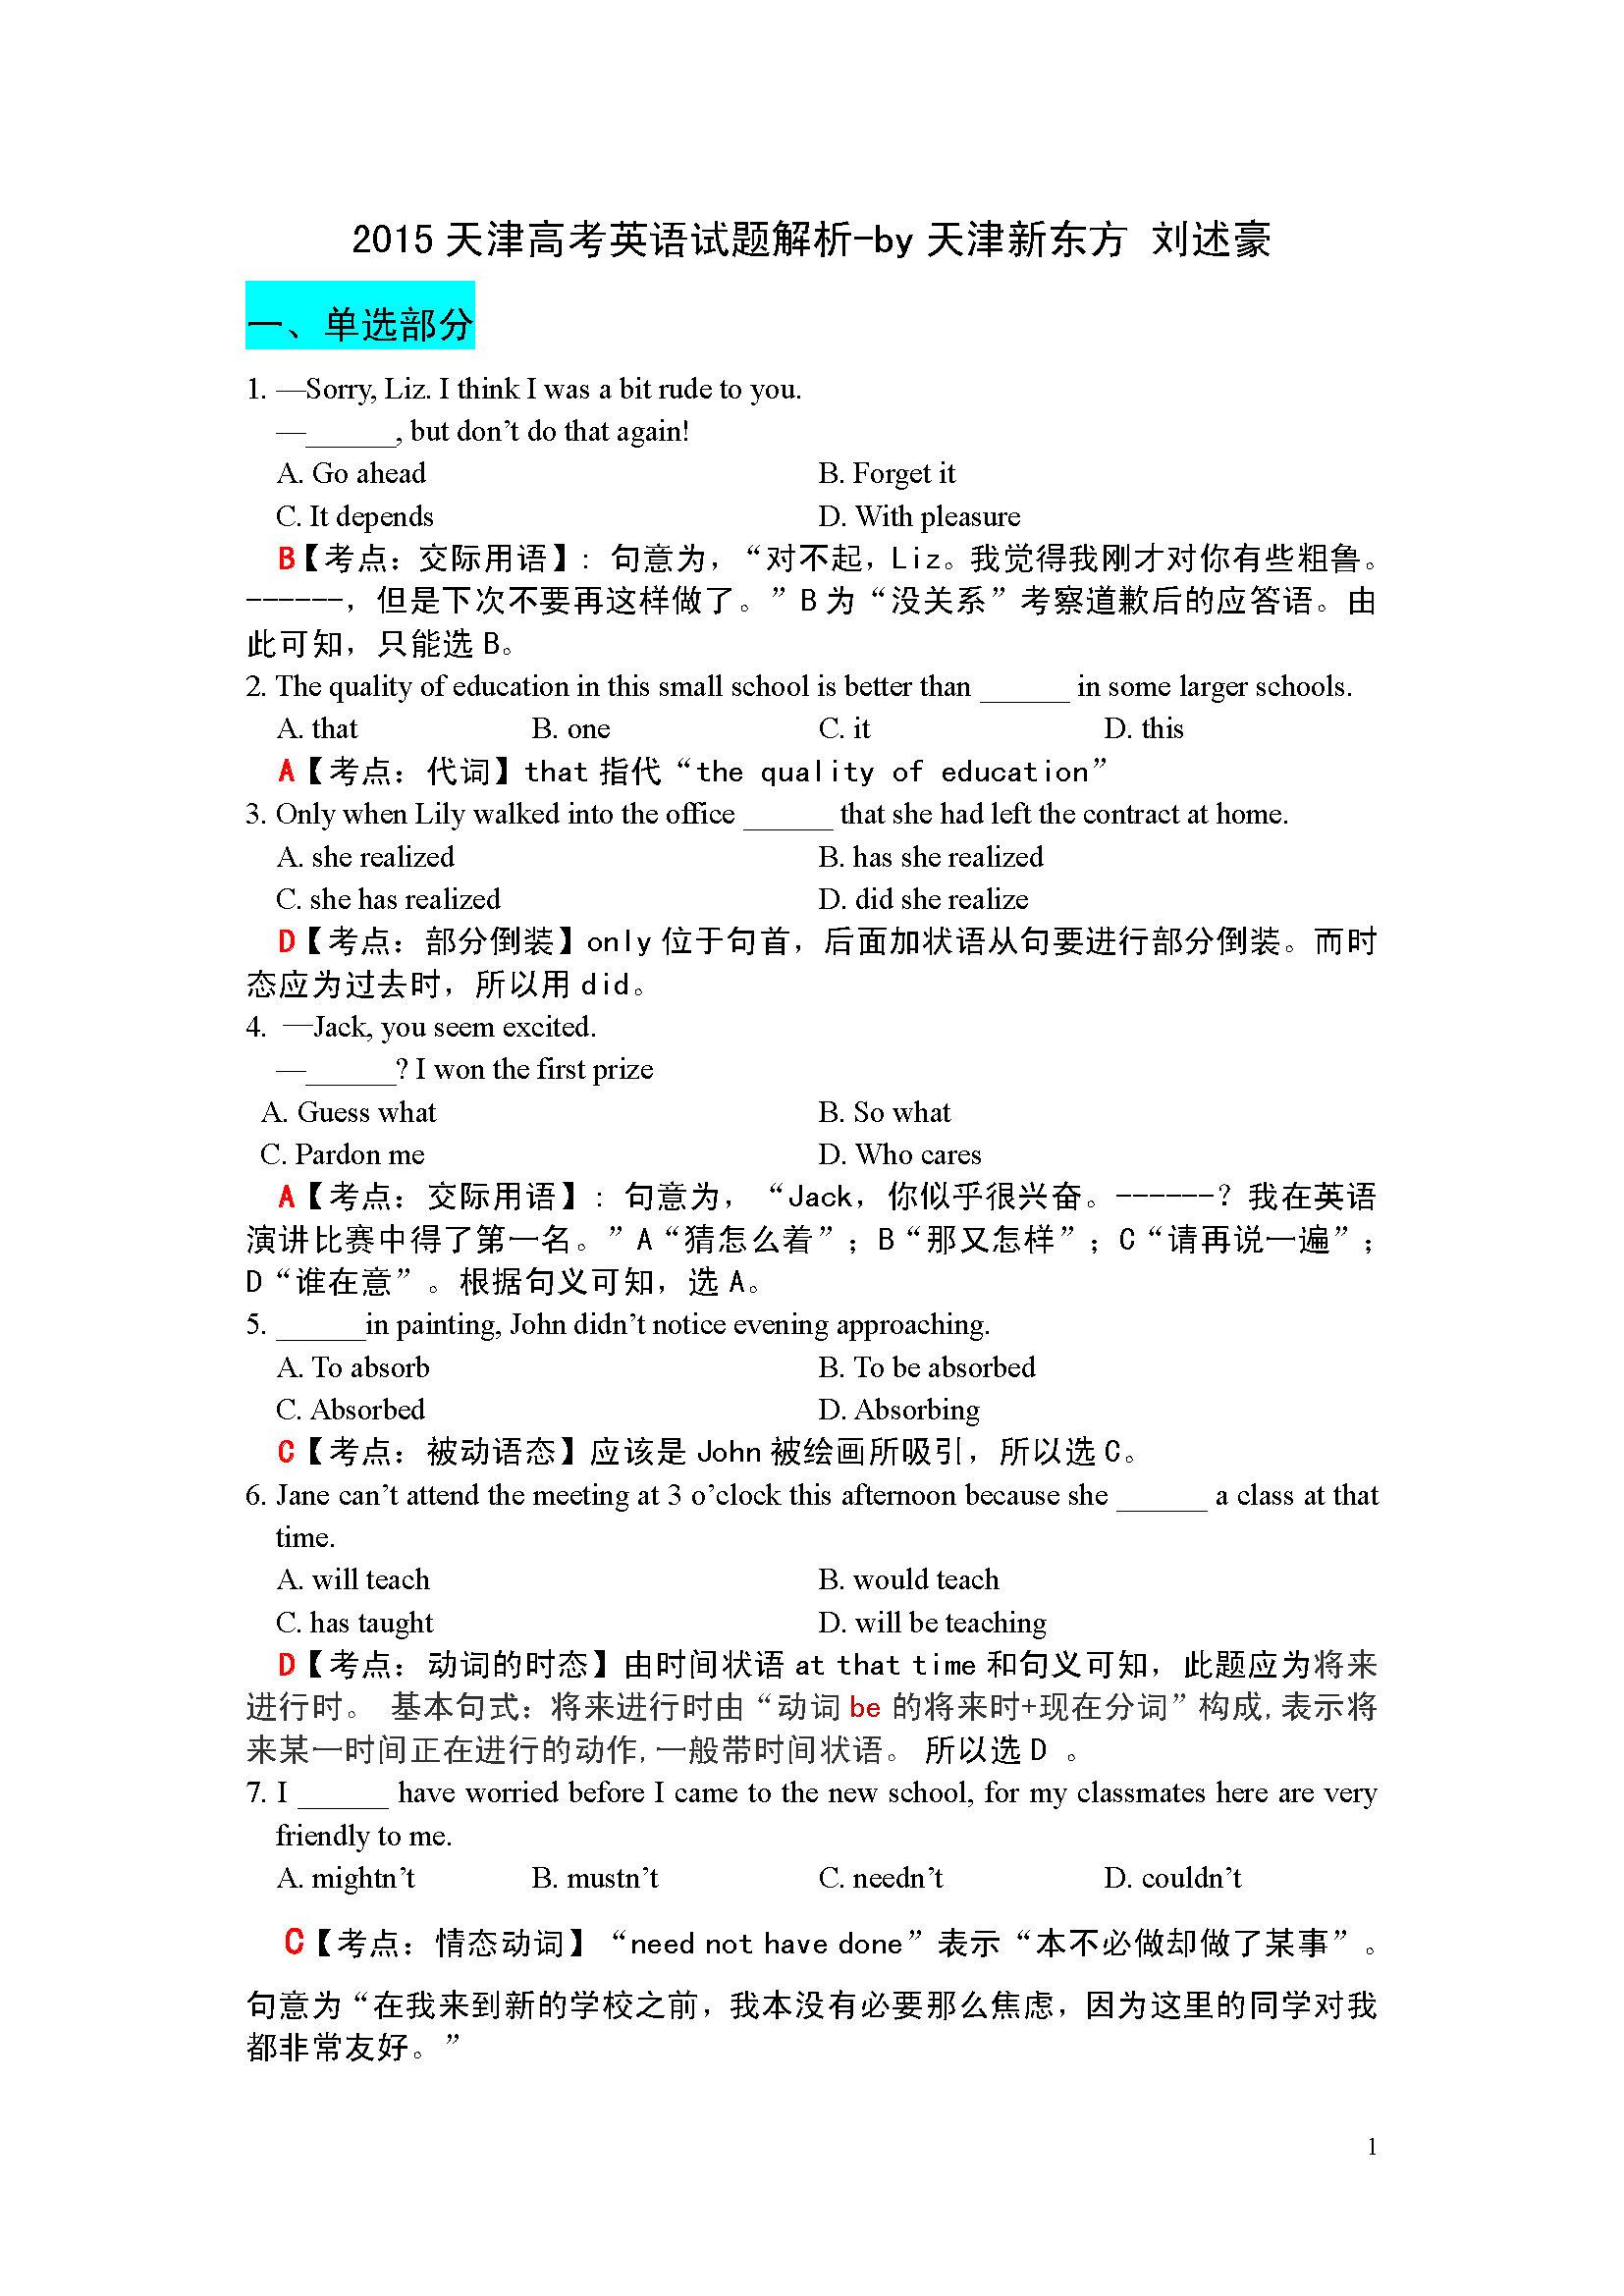 2015天津高考英语试题解析(刘述豪)